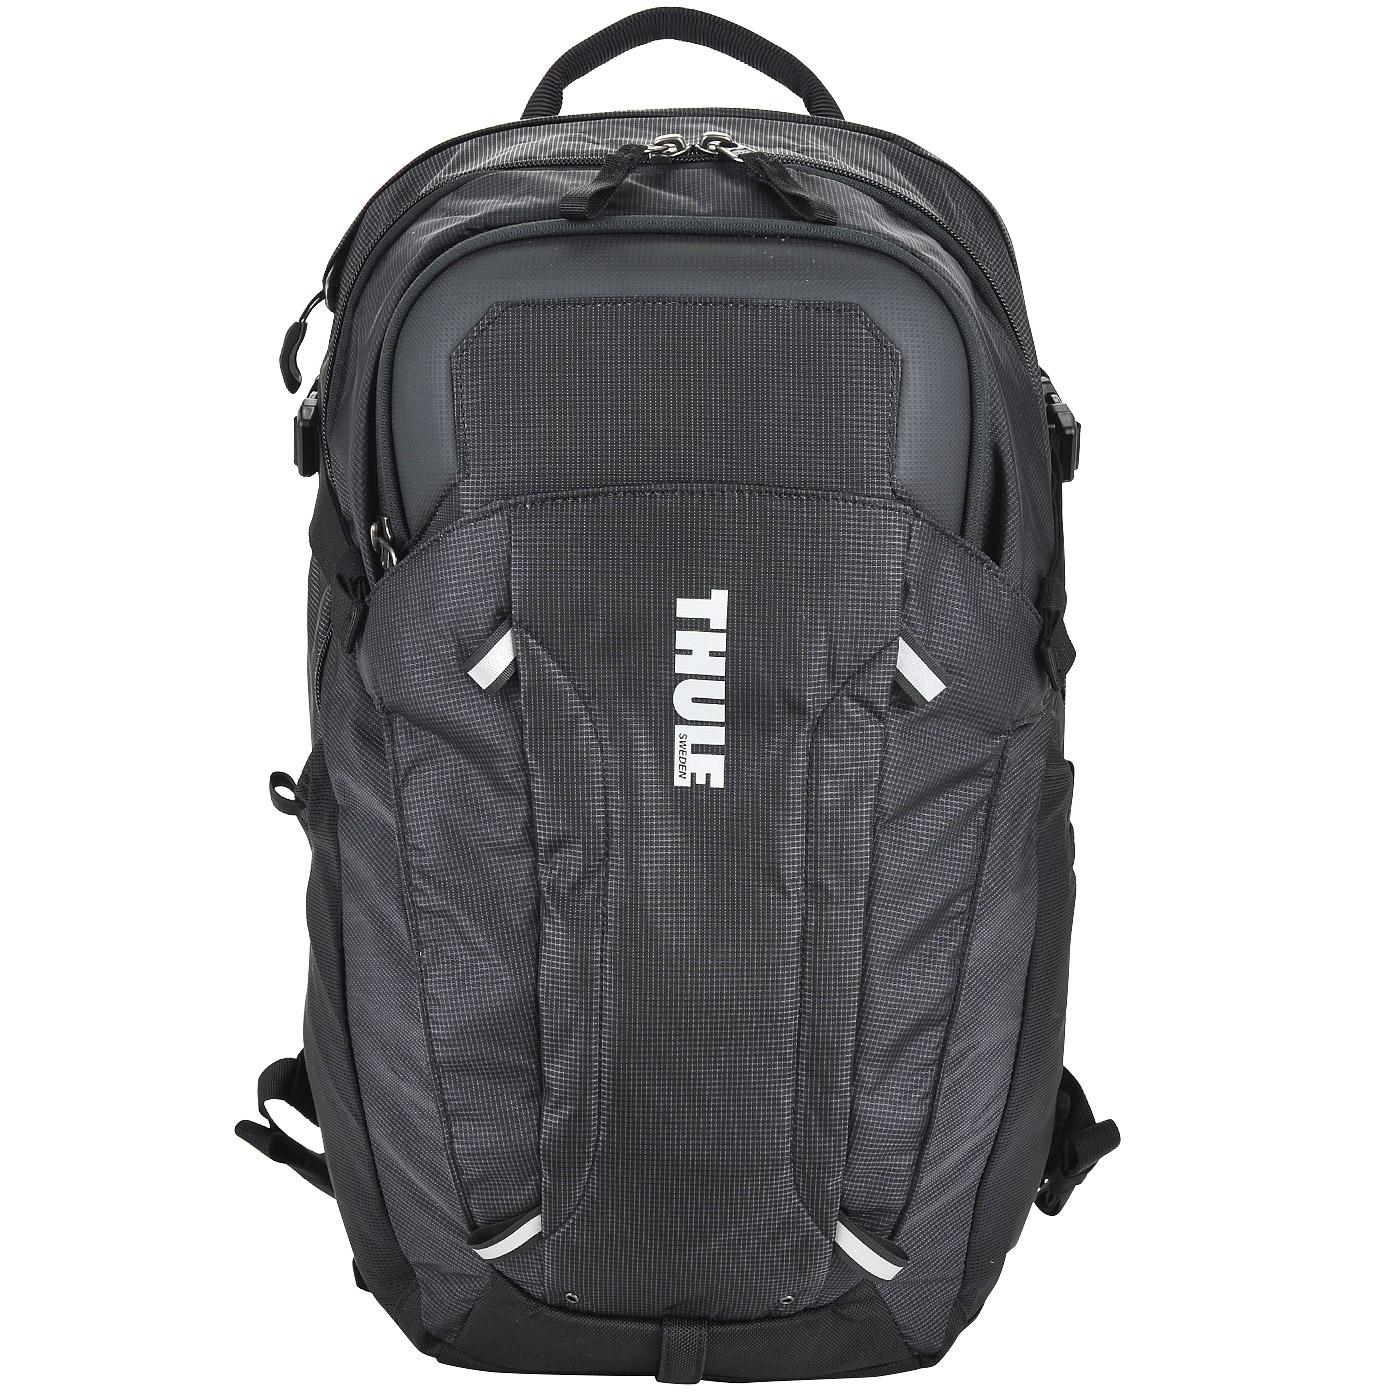 Тканевый вместительный рюкзак Thule EnRoute 3202889 - 2000557751484 ... 22aac43b091